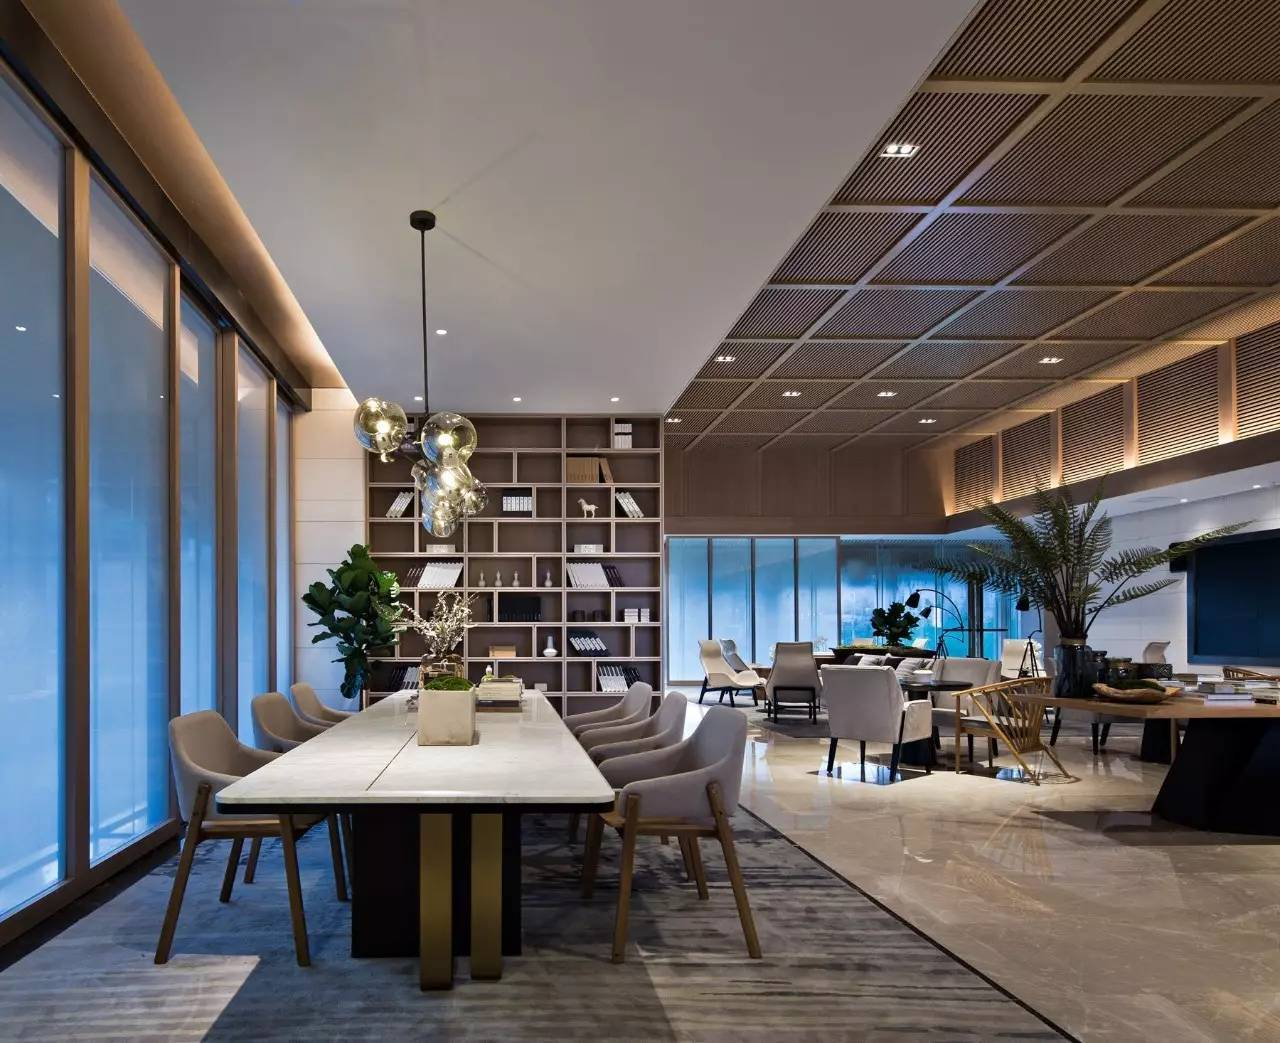 在家具的选材上,我们以浅木饰面为主,局部采用拉丝古铜,皮革,大理石作